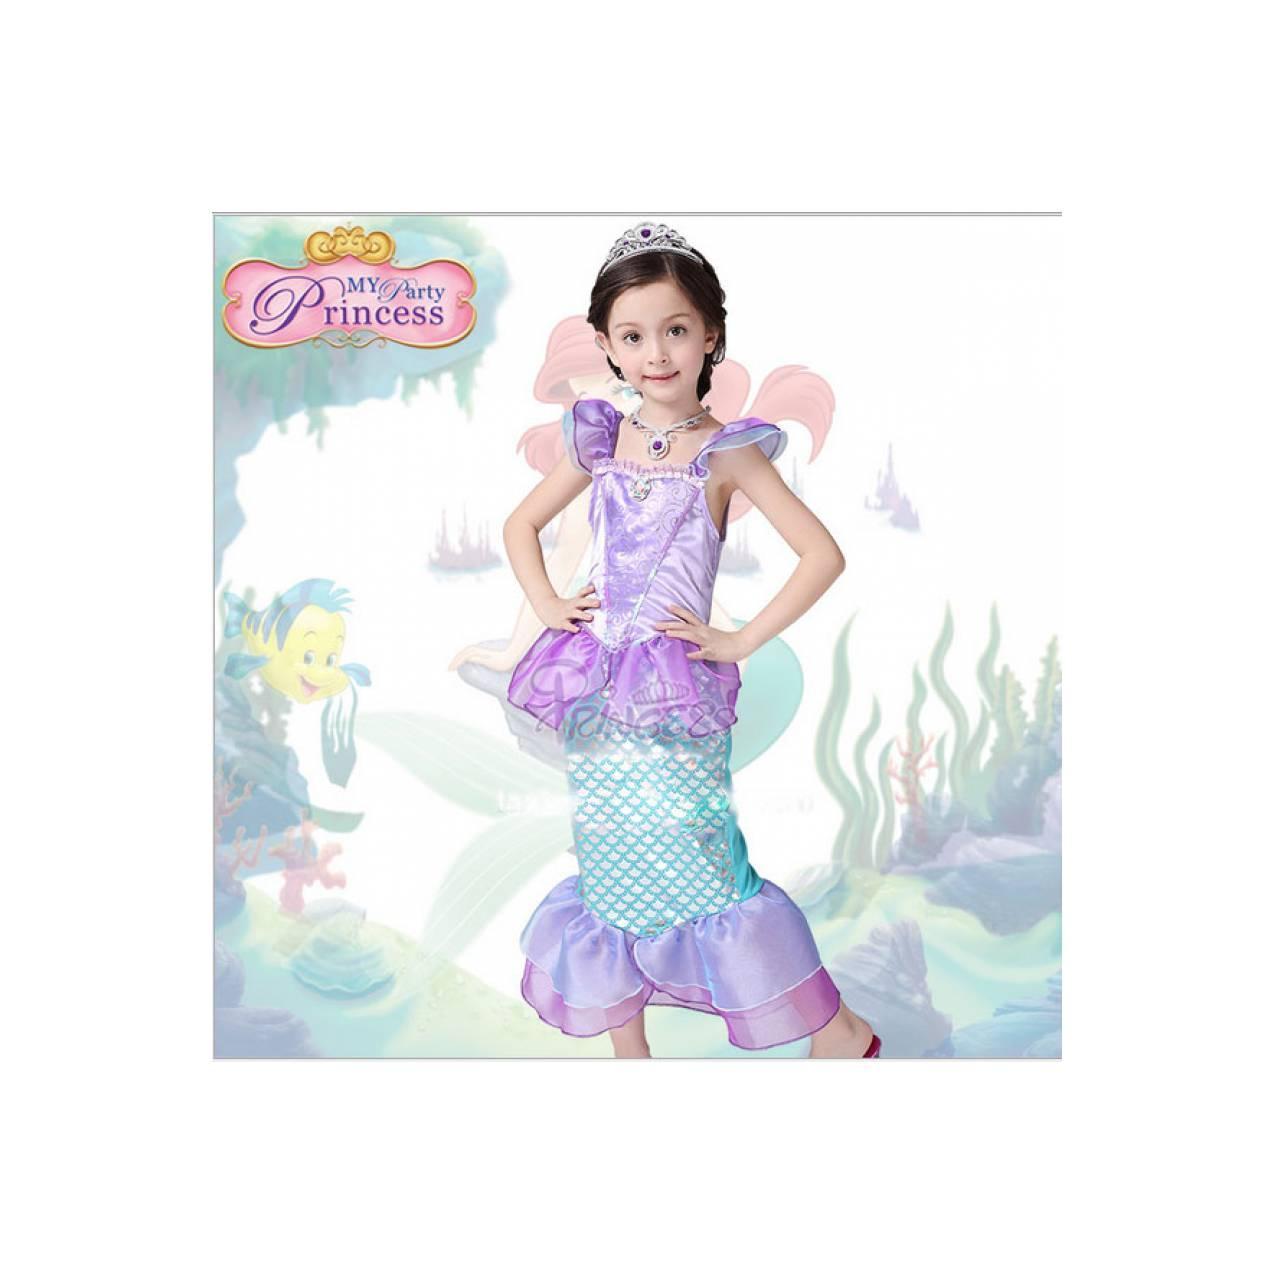 Baju Anak Princess Arial Ikan Duyung 086 model lengan pendek / Disney